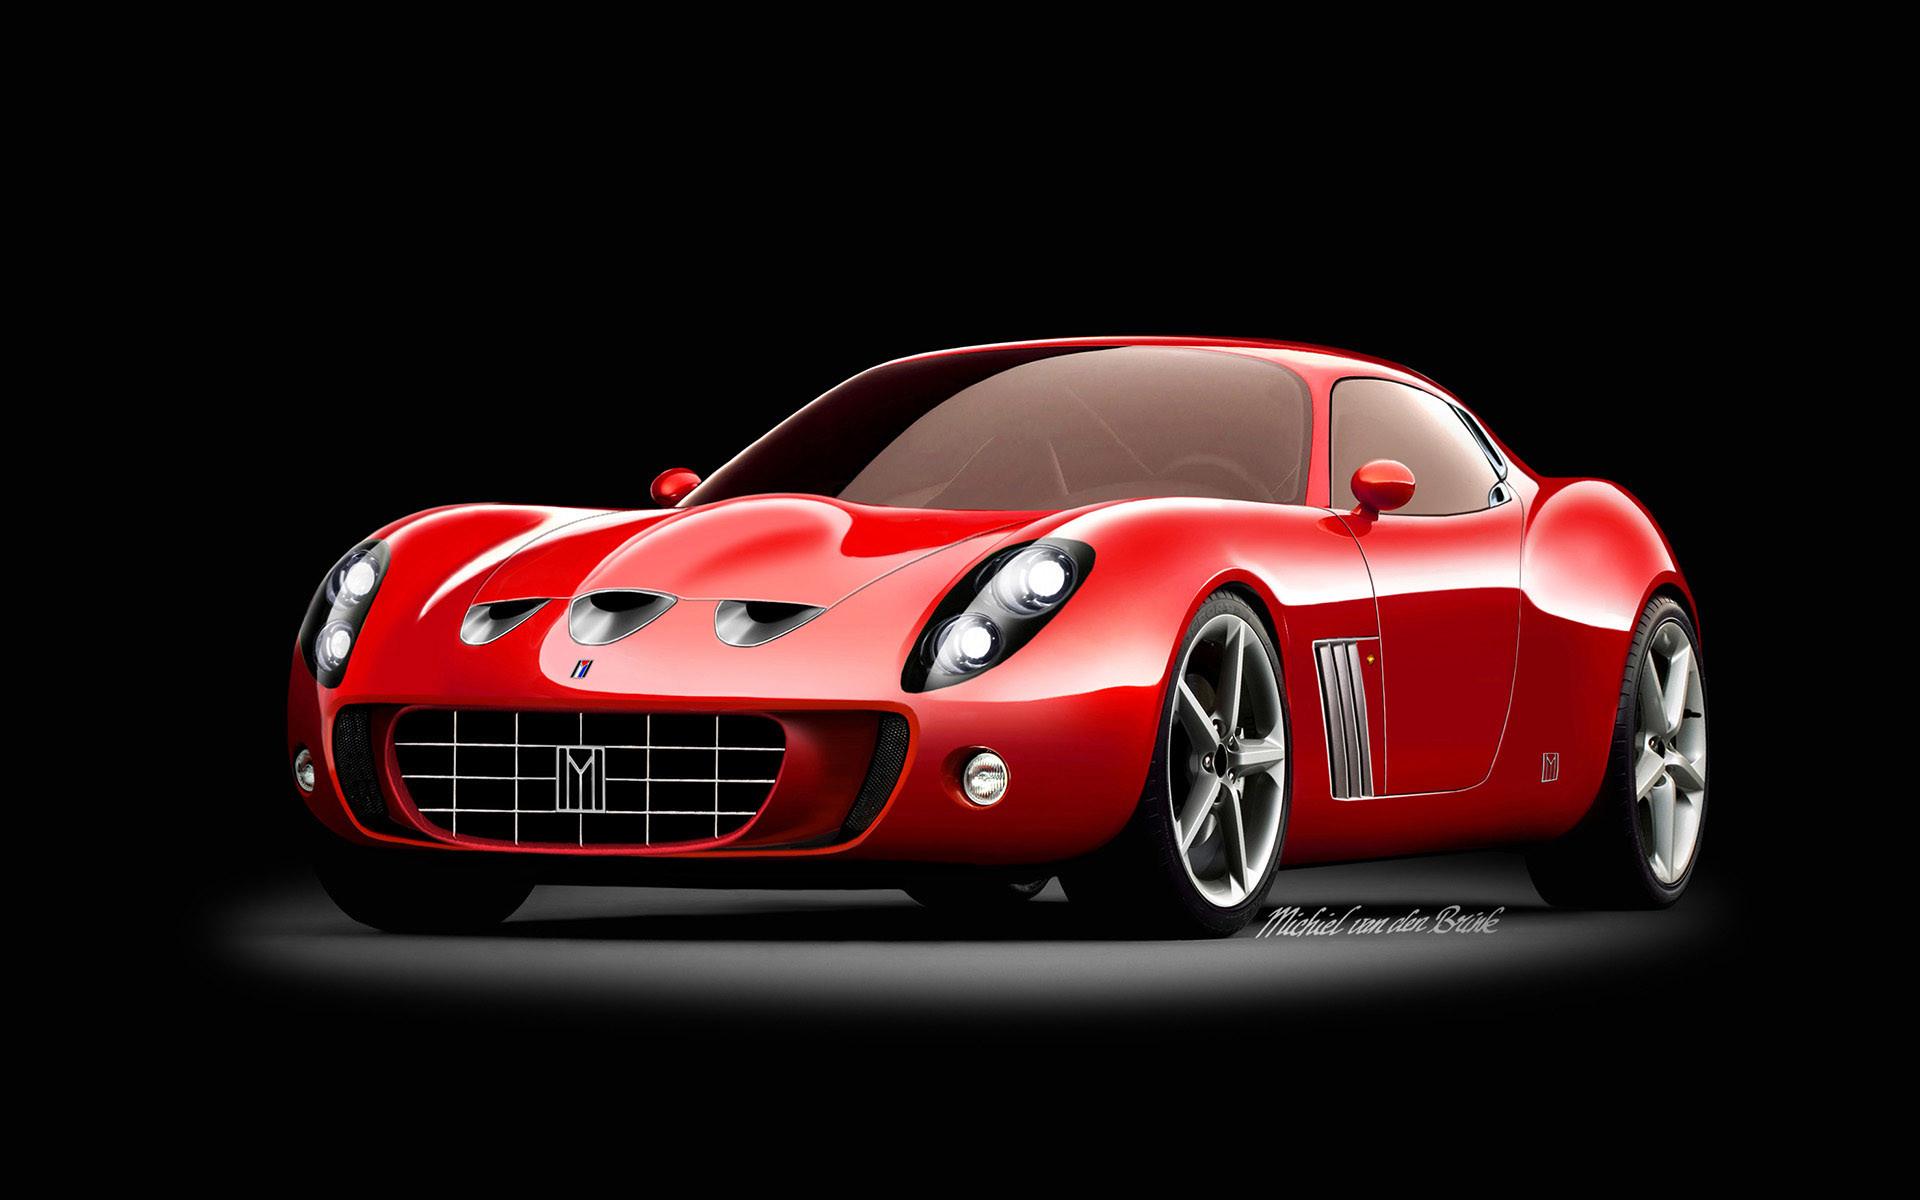 Res: 1920x1200, Red And Black Ferrari Wallpaper 16 Cool Wallpaper